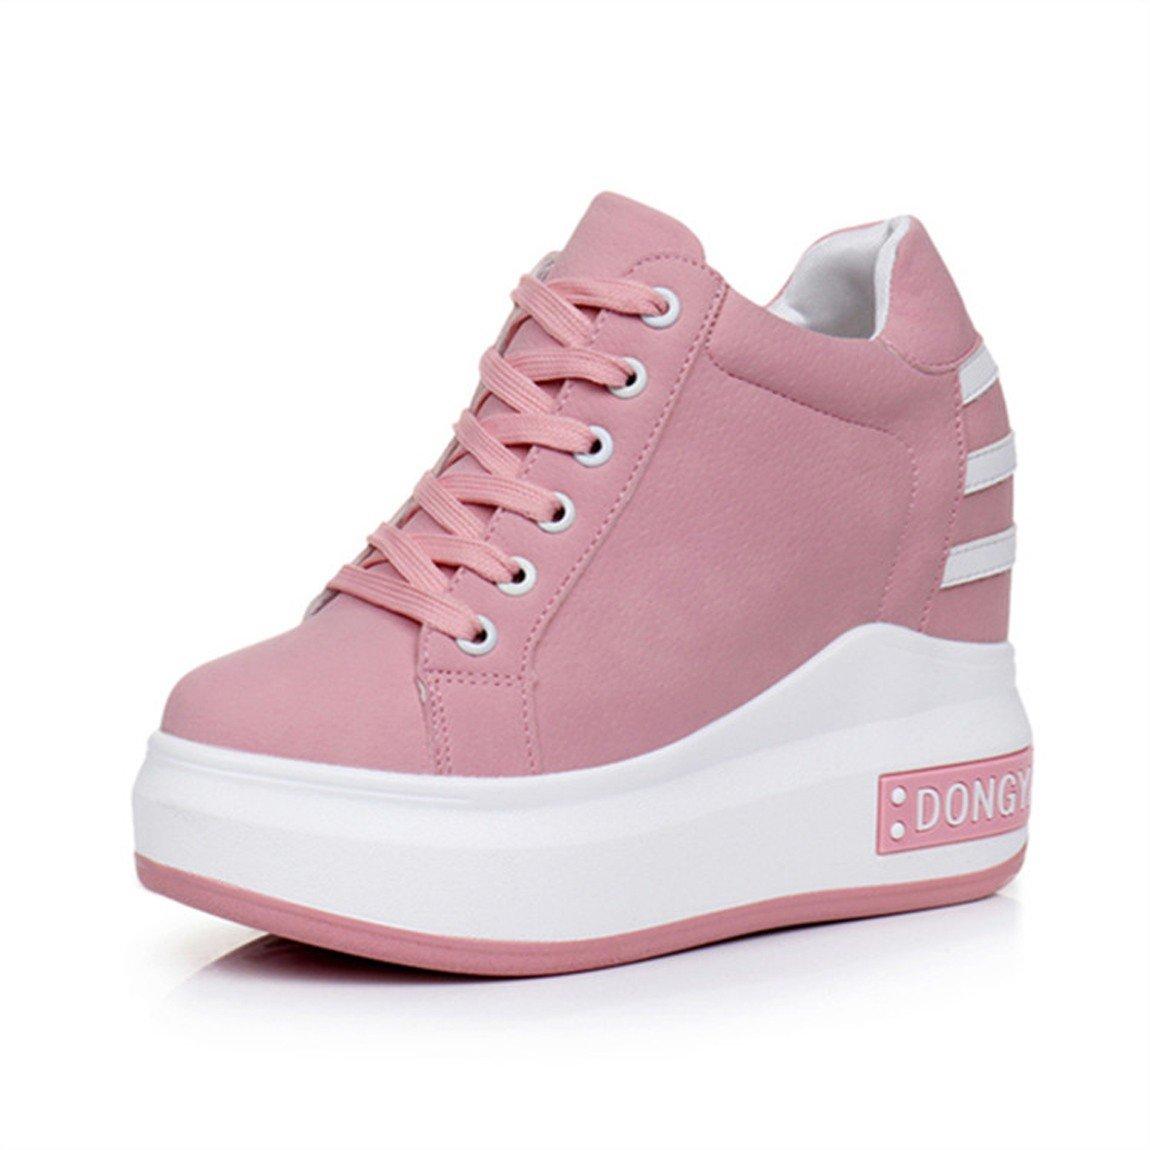 GTVERNH Damenschuhe Im Frühling Damenschuhe Werden in Flachen Mund Rosa Muffin Einzelne Schuhe Harten Boden Leder Schrägen Casual - Sport - Schuhe.